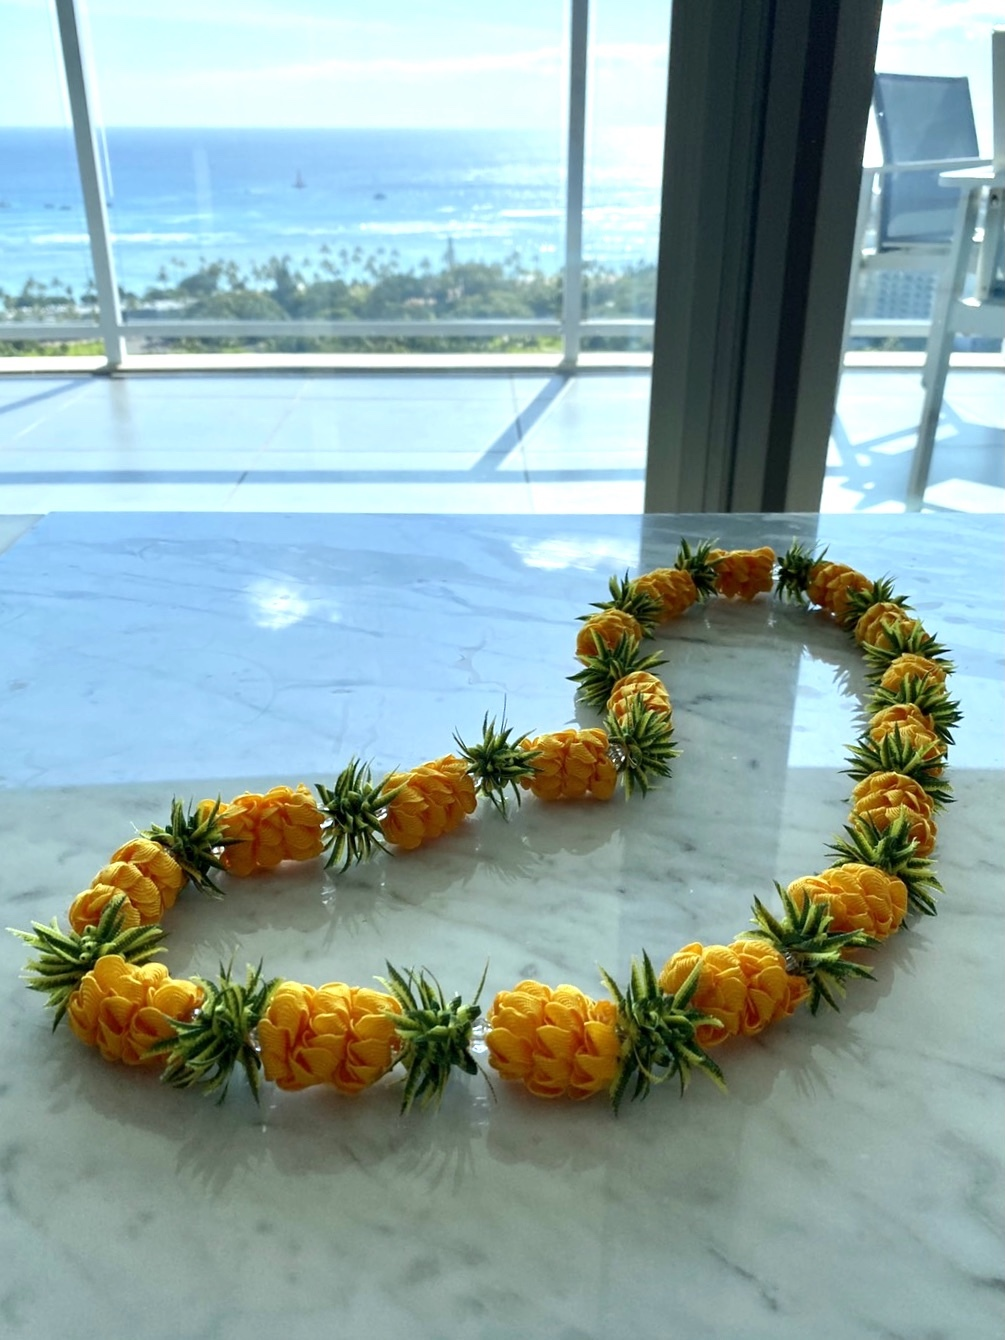 【モアナコア リボンカレッジ】 メイド ウィズ アロハ パイナップル  Made With Aloha Pineapple_c0196240_10414470.jpeg